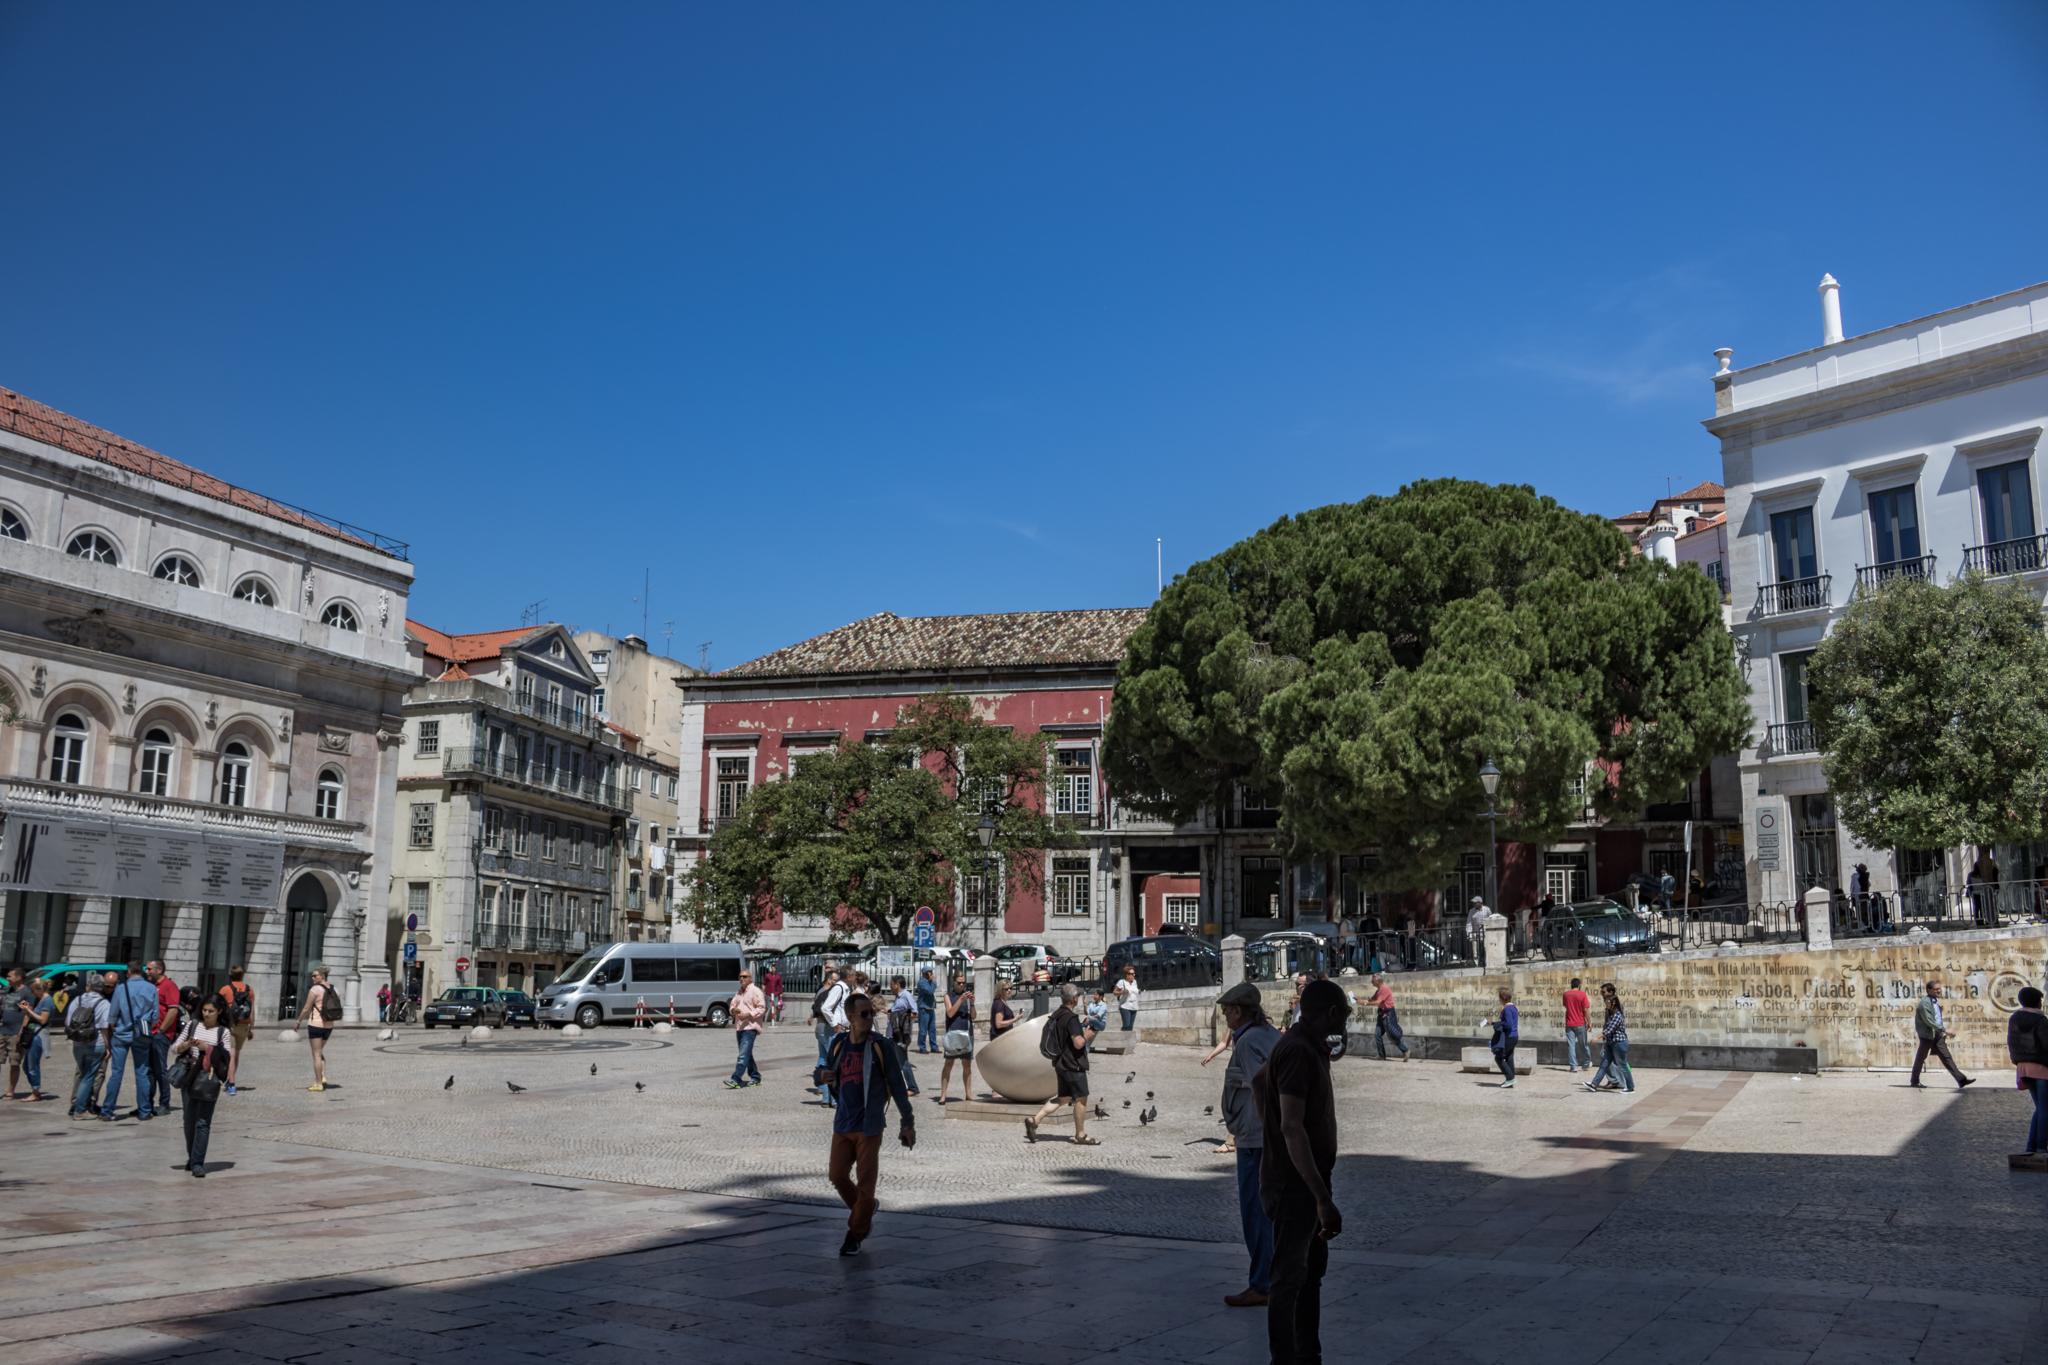 Reisen - Portugal - Lissabon